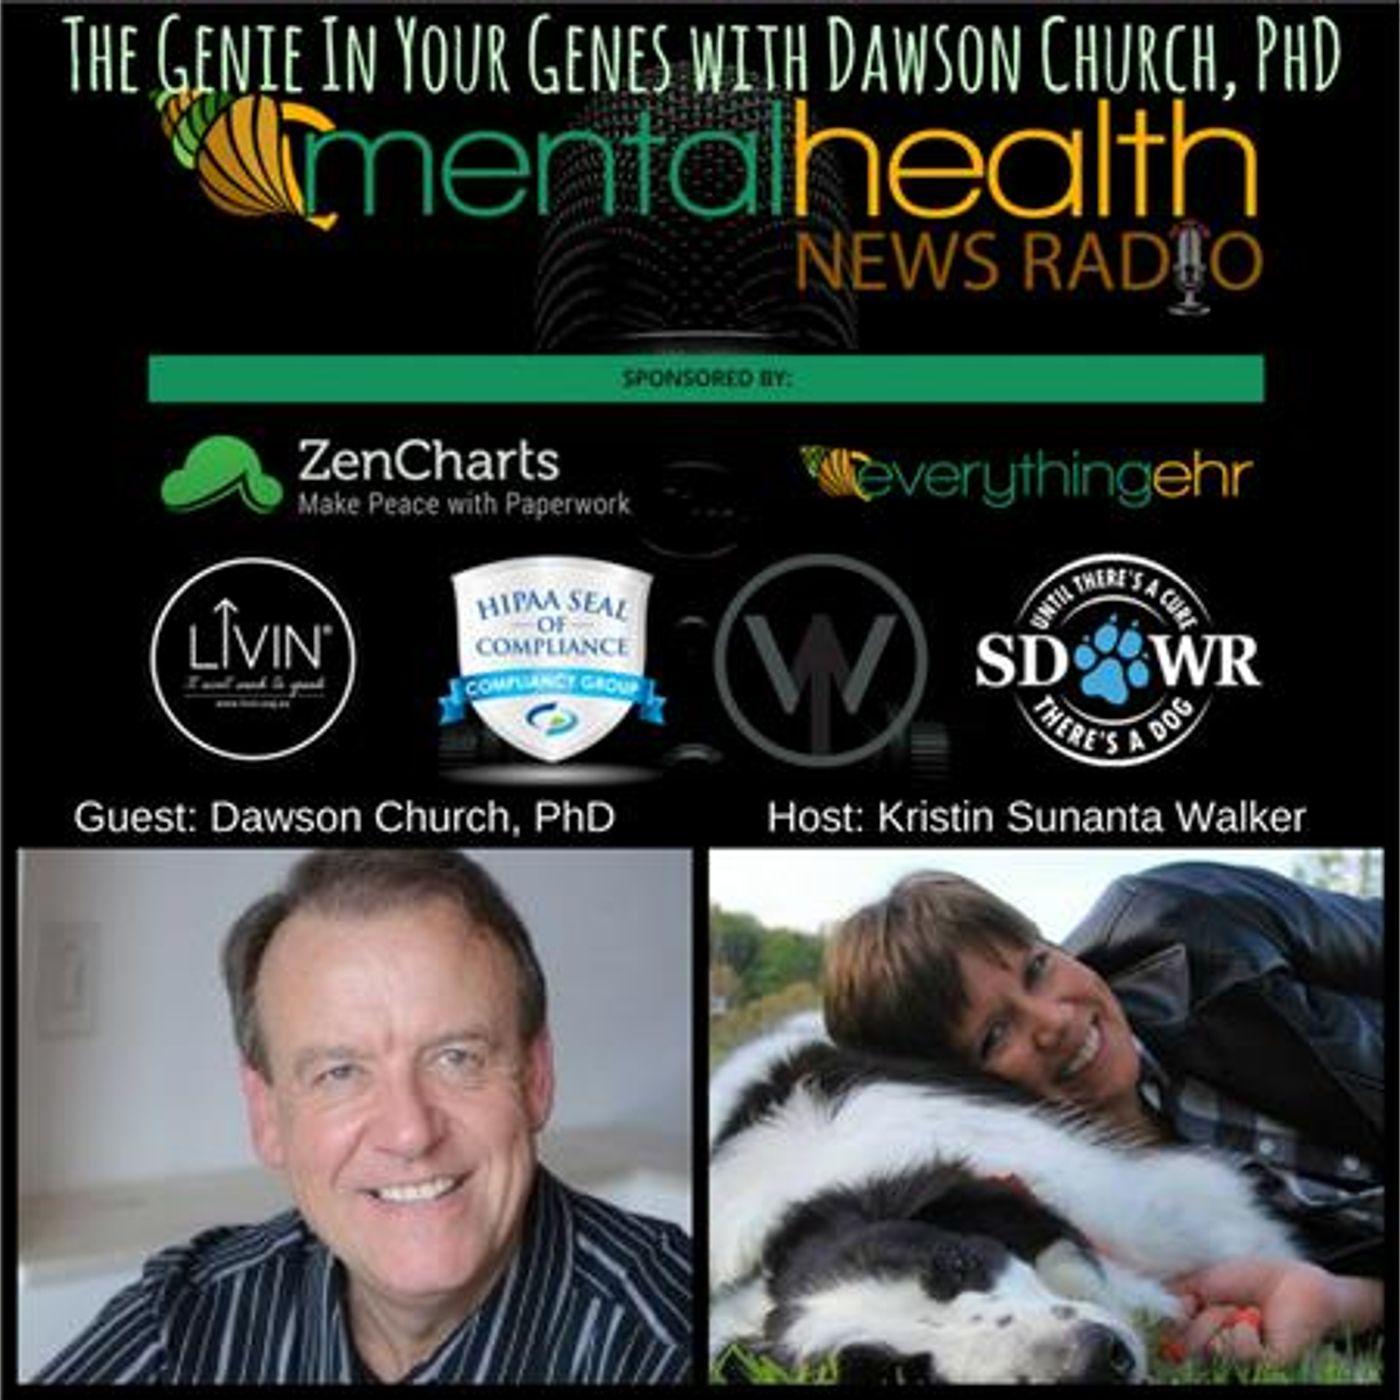 Mental Health News Radio - The Genie In Your Genes with Dawson Church, PhD